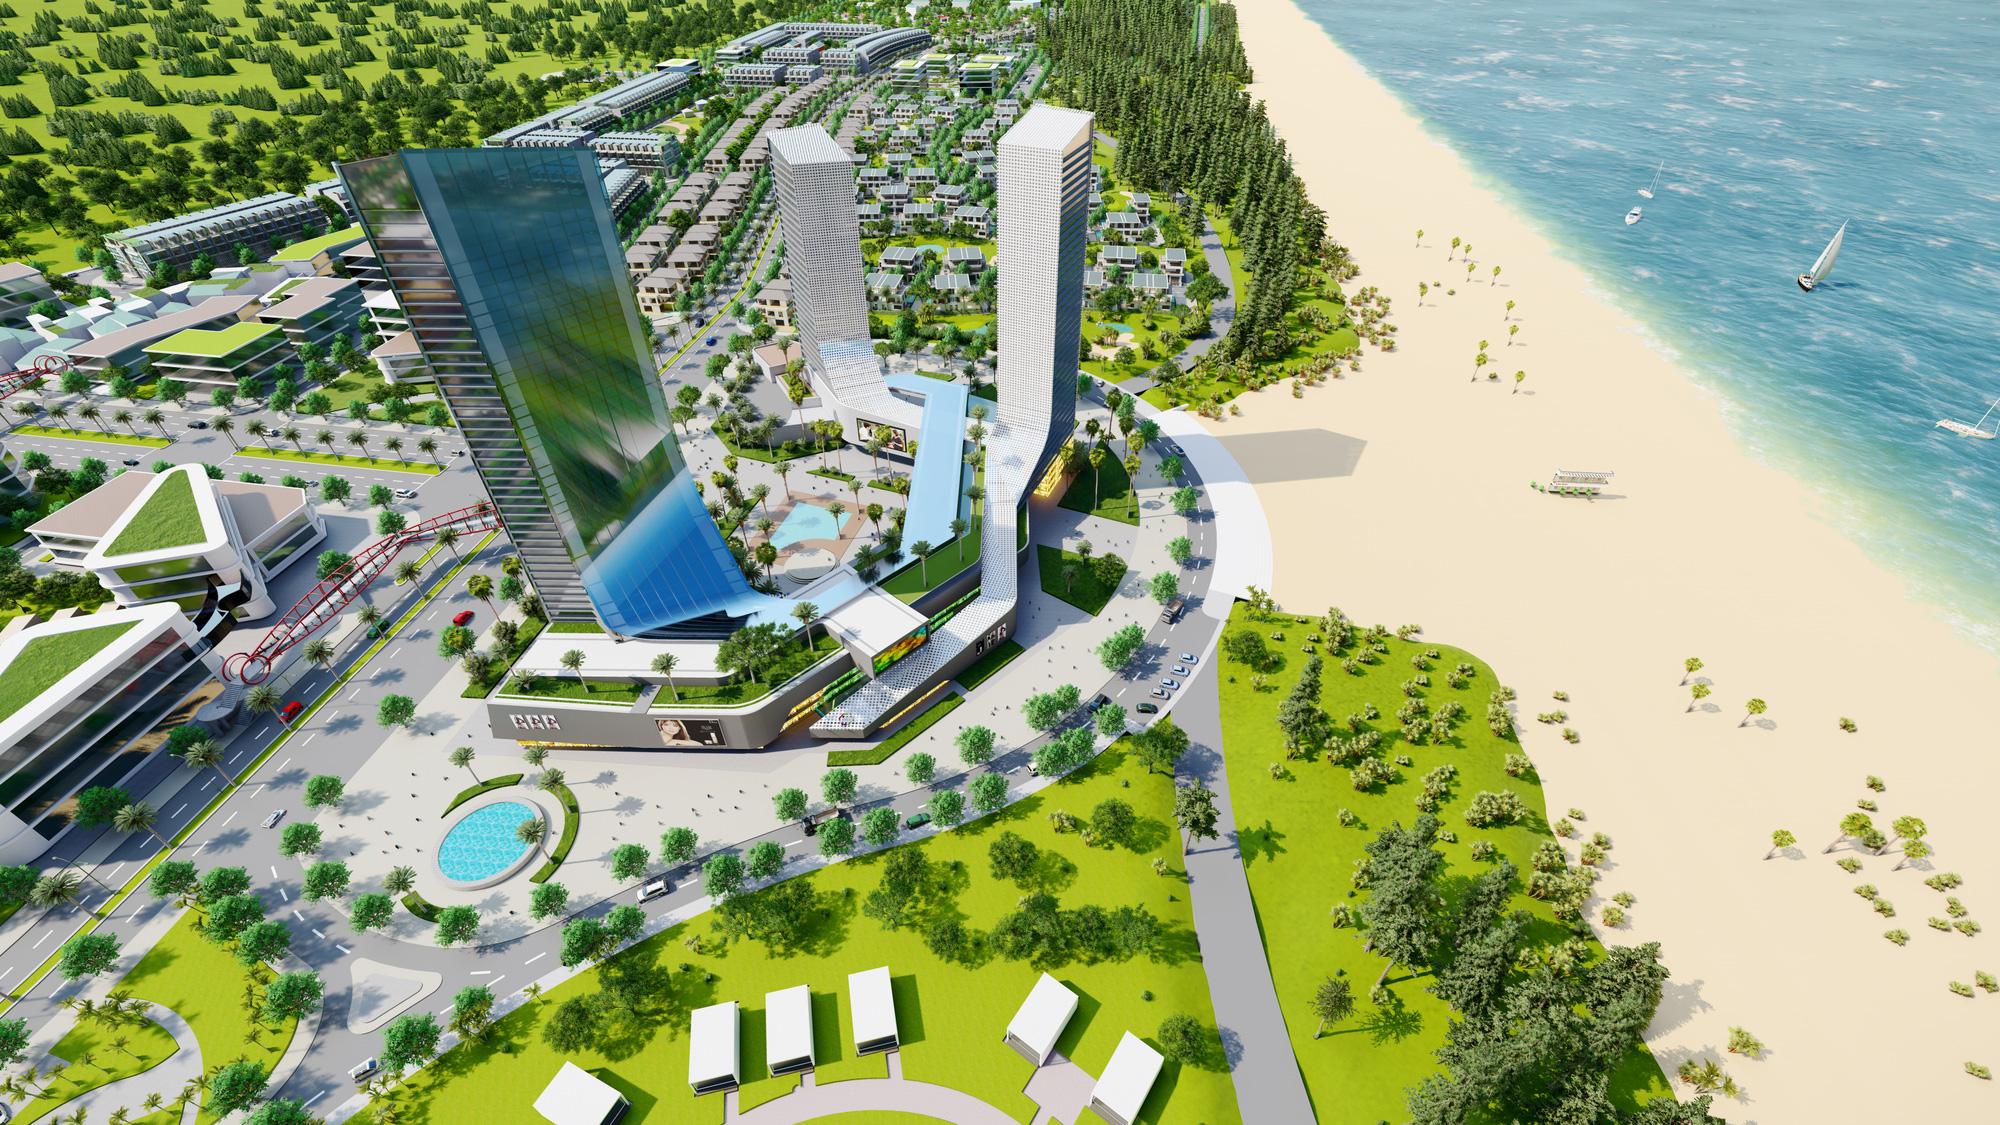 T&T Group khởi công xây dựng khu du lịch sinh thái biển tại Nghi Sơn - Thanh Hóa - Ảnh 7.